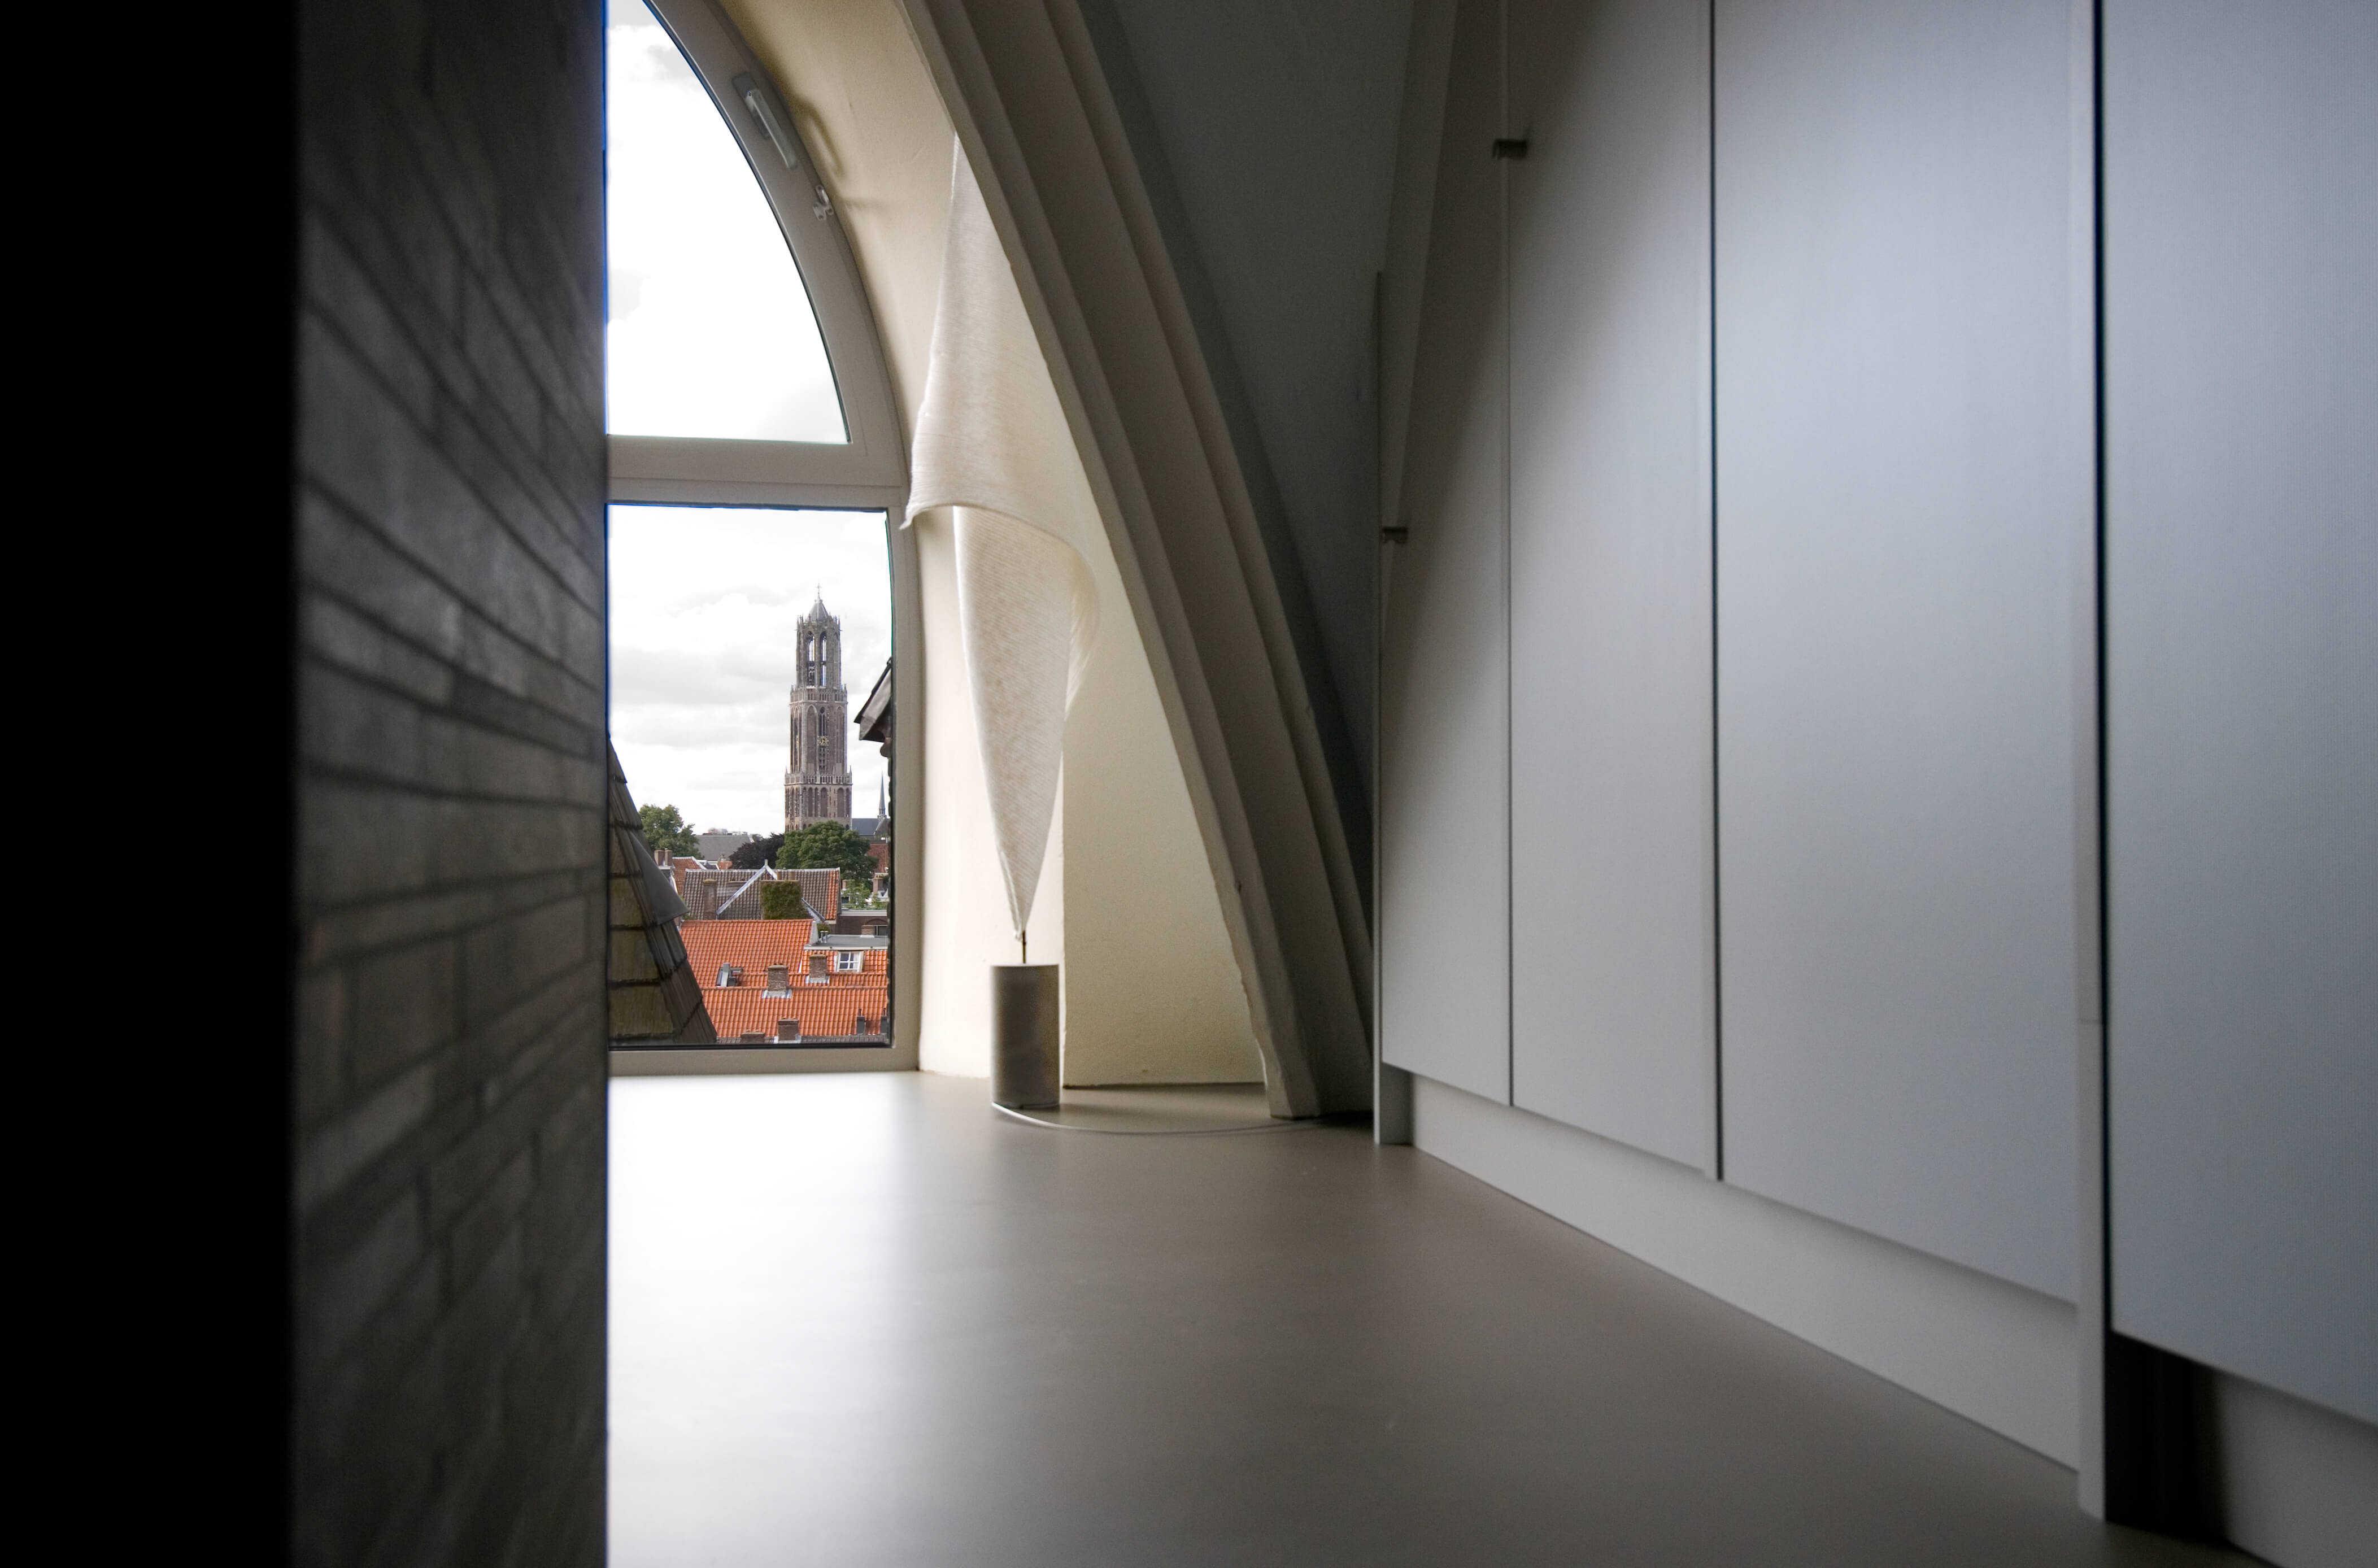 Penthouse in een kerk met uitzicht op de Domtoren in Utrecht gietvloer en kastenwand op maat gemaakt